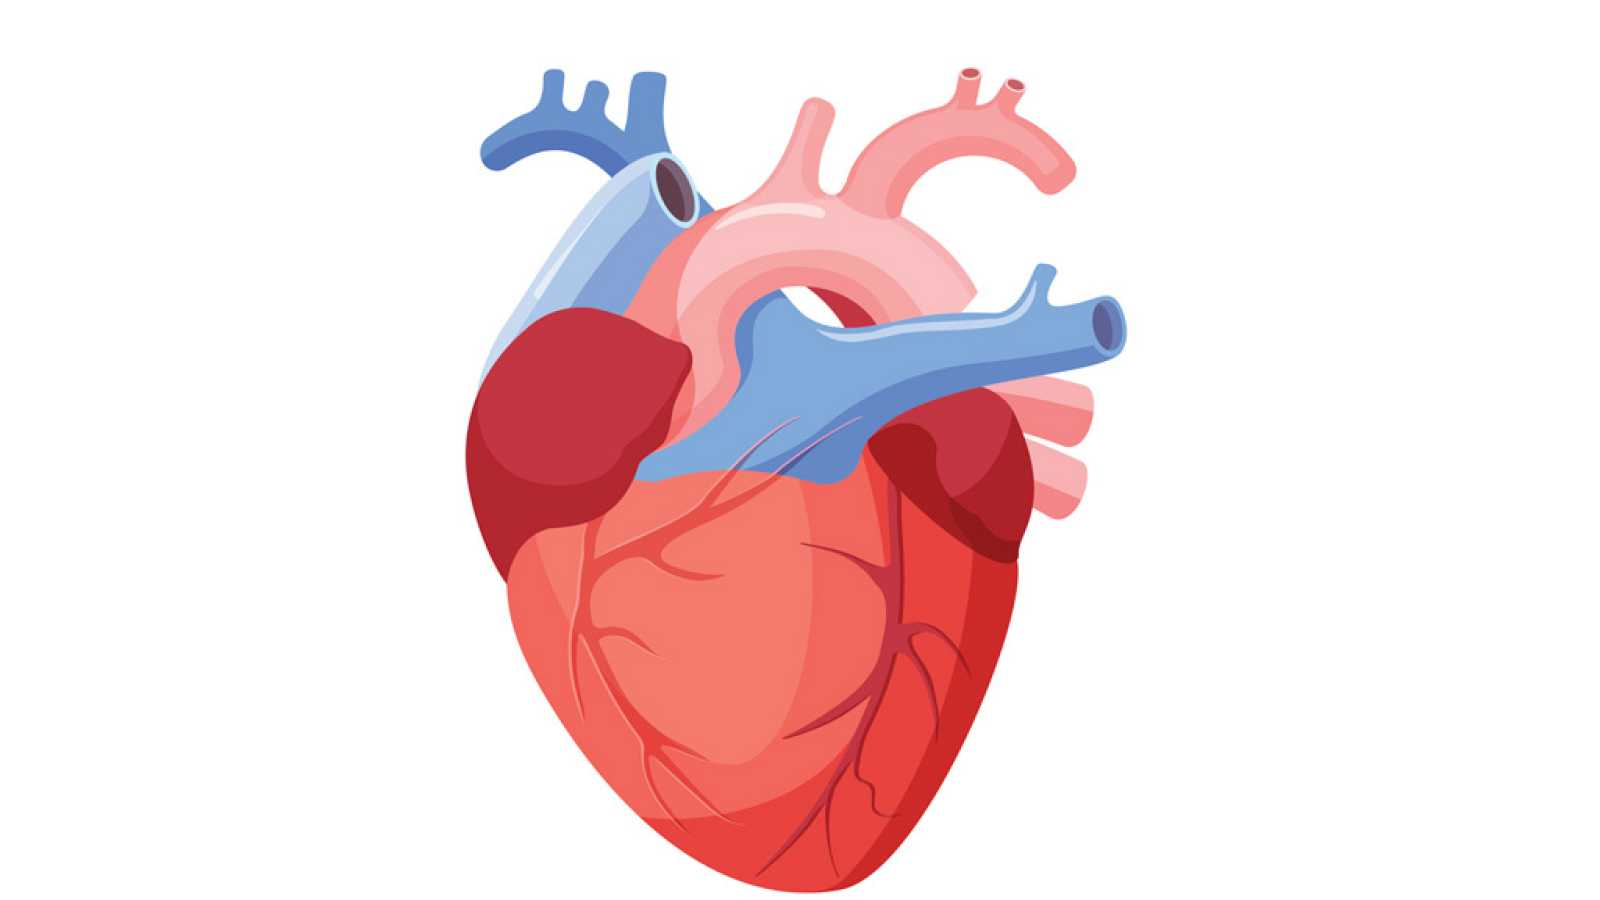 de que lado esta el corazon linear unit el espécimen humano